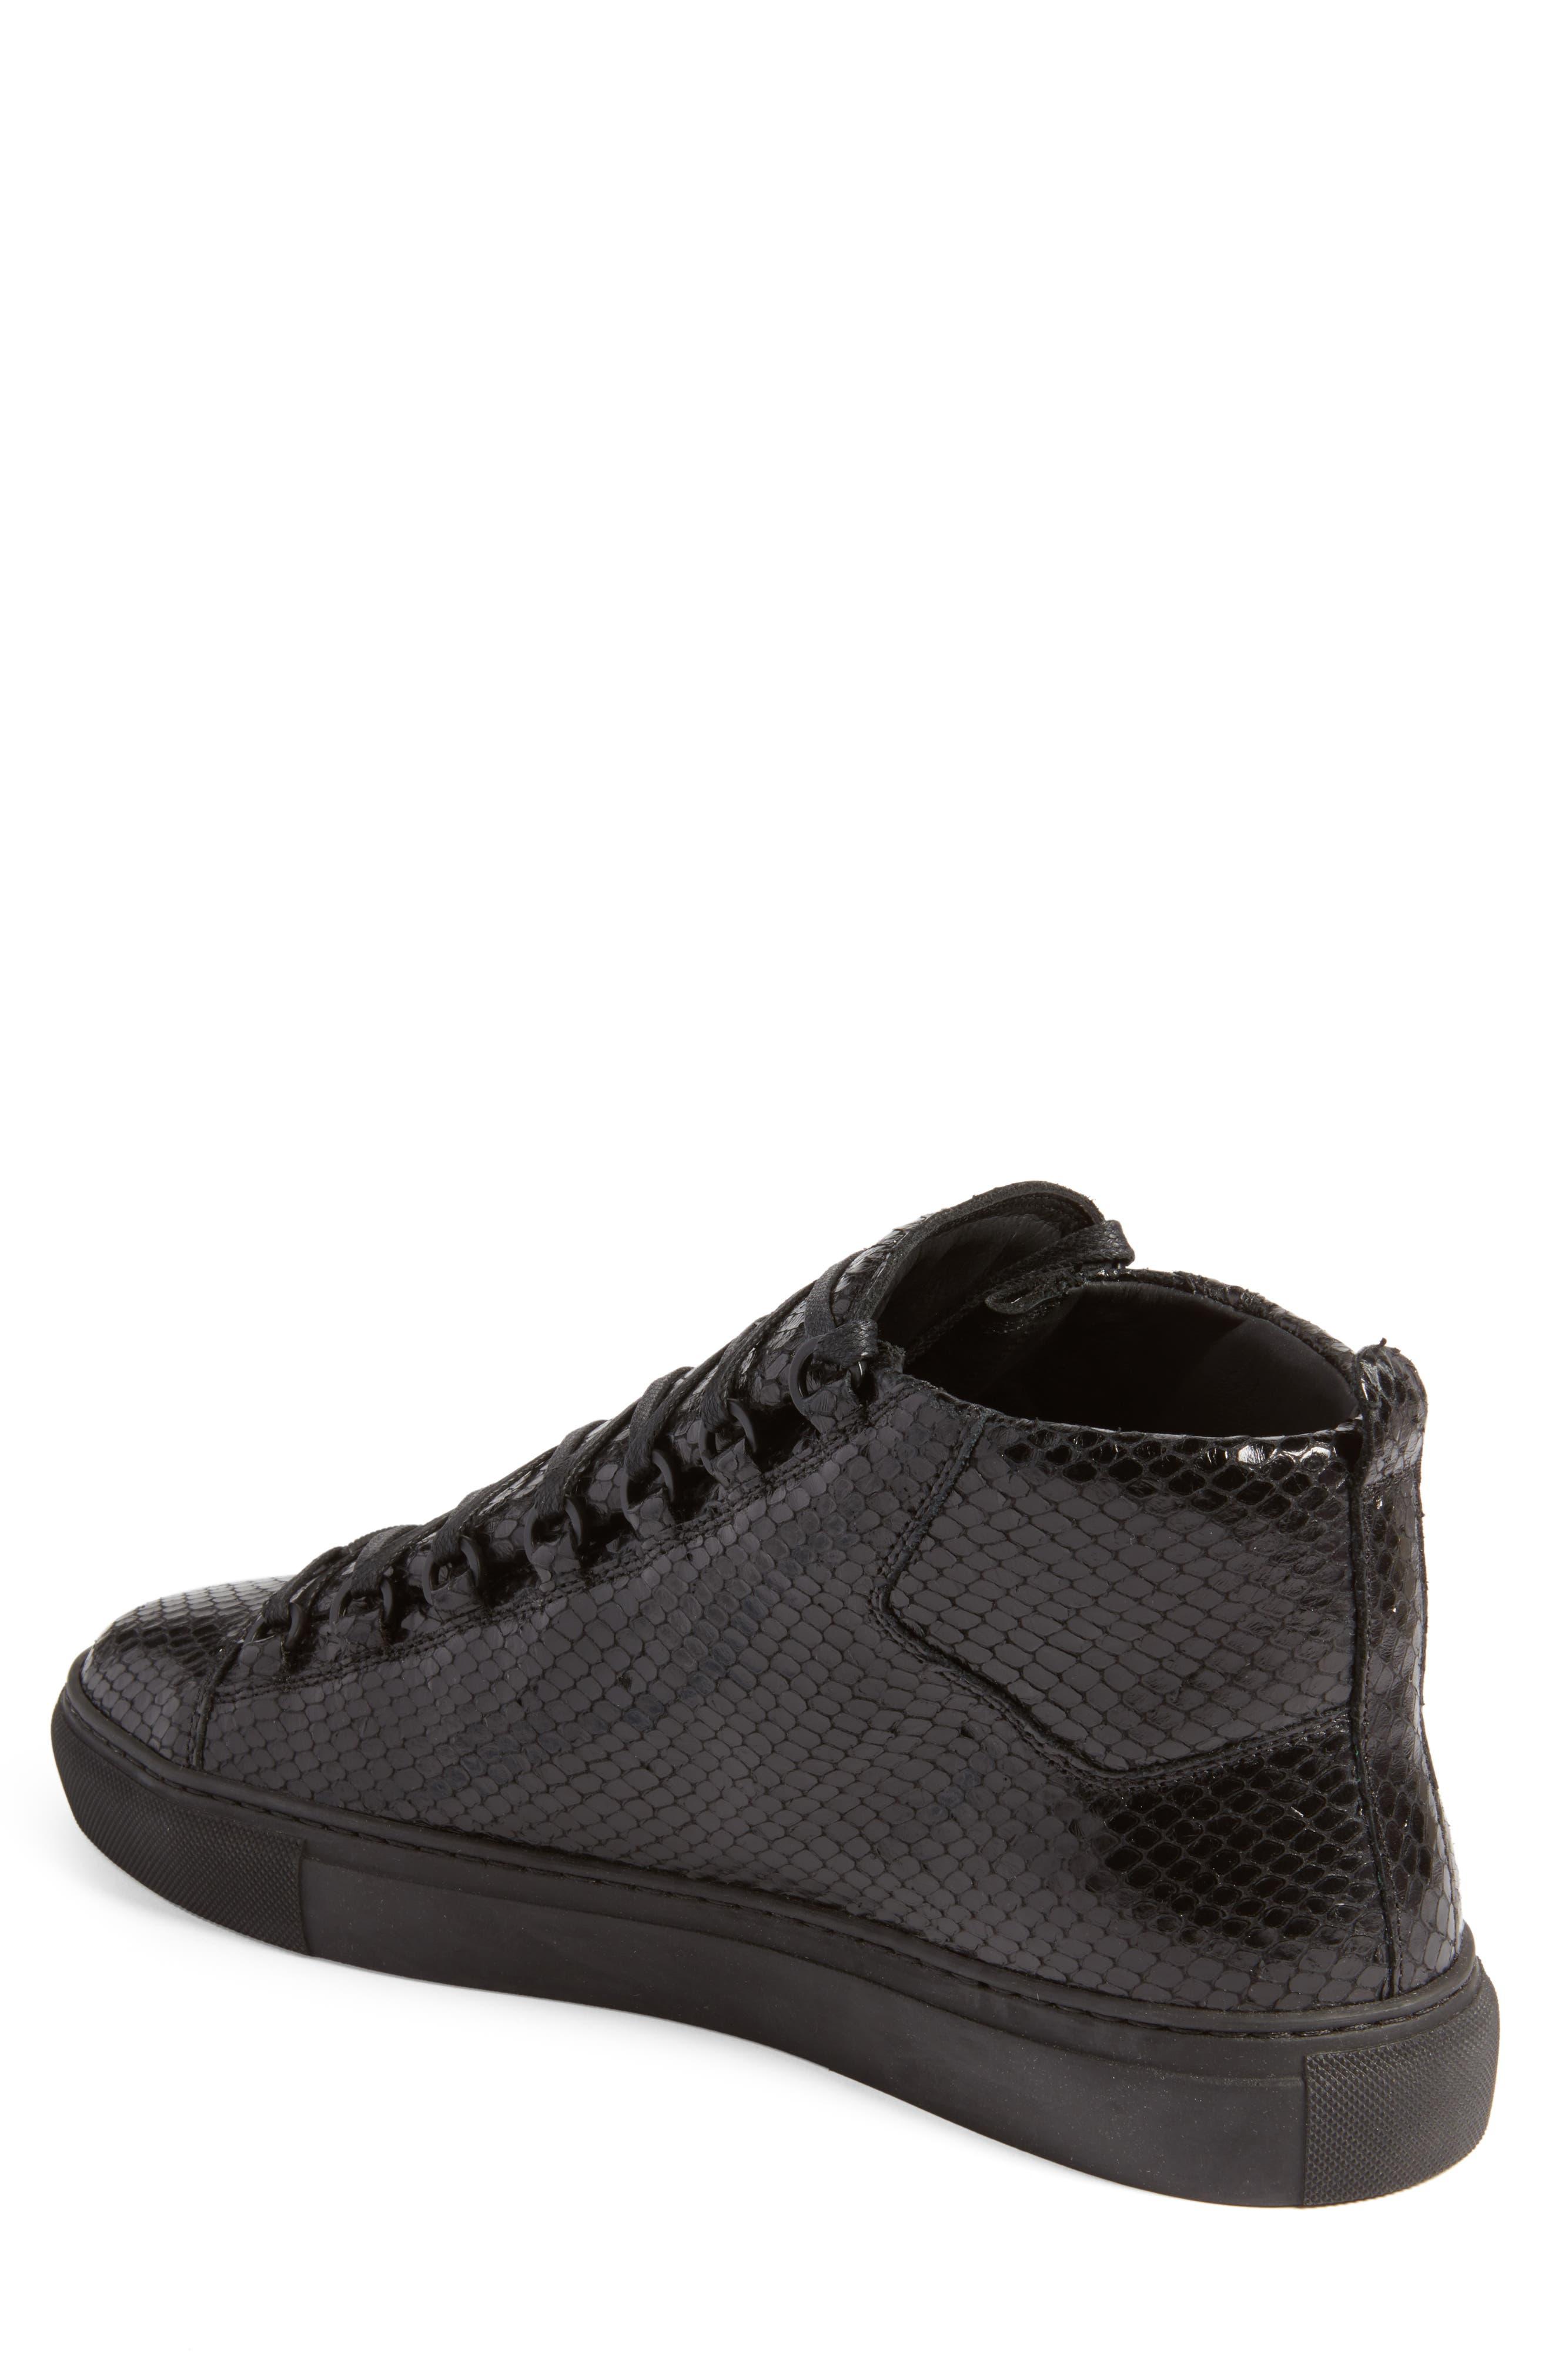 Alternate Image 2  - Balenciaga High Top Sneaker (Men)